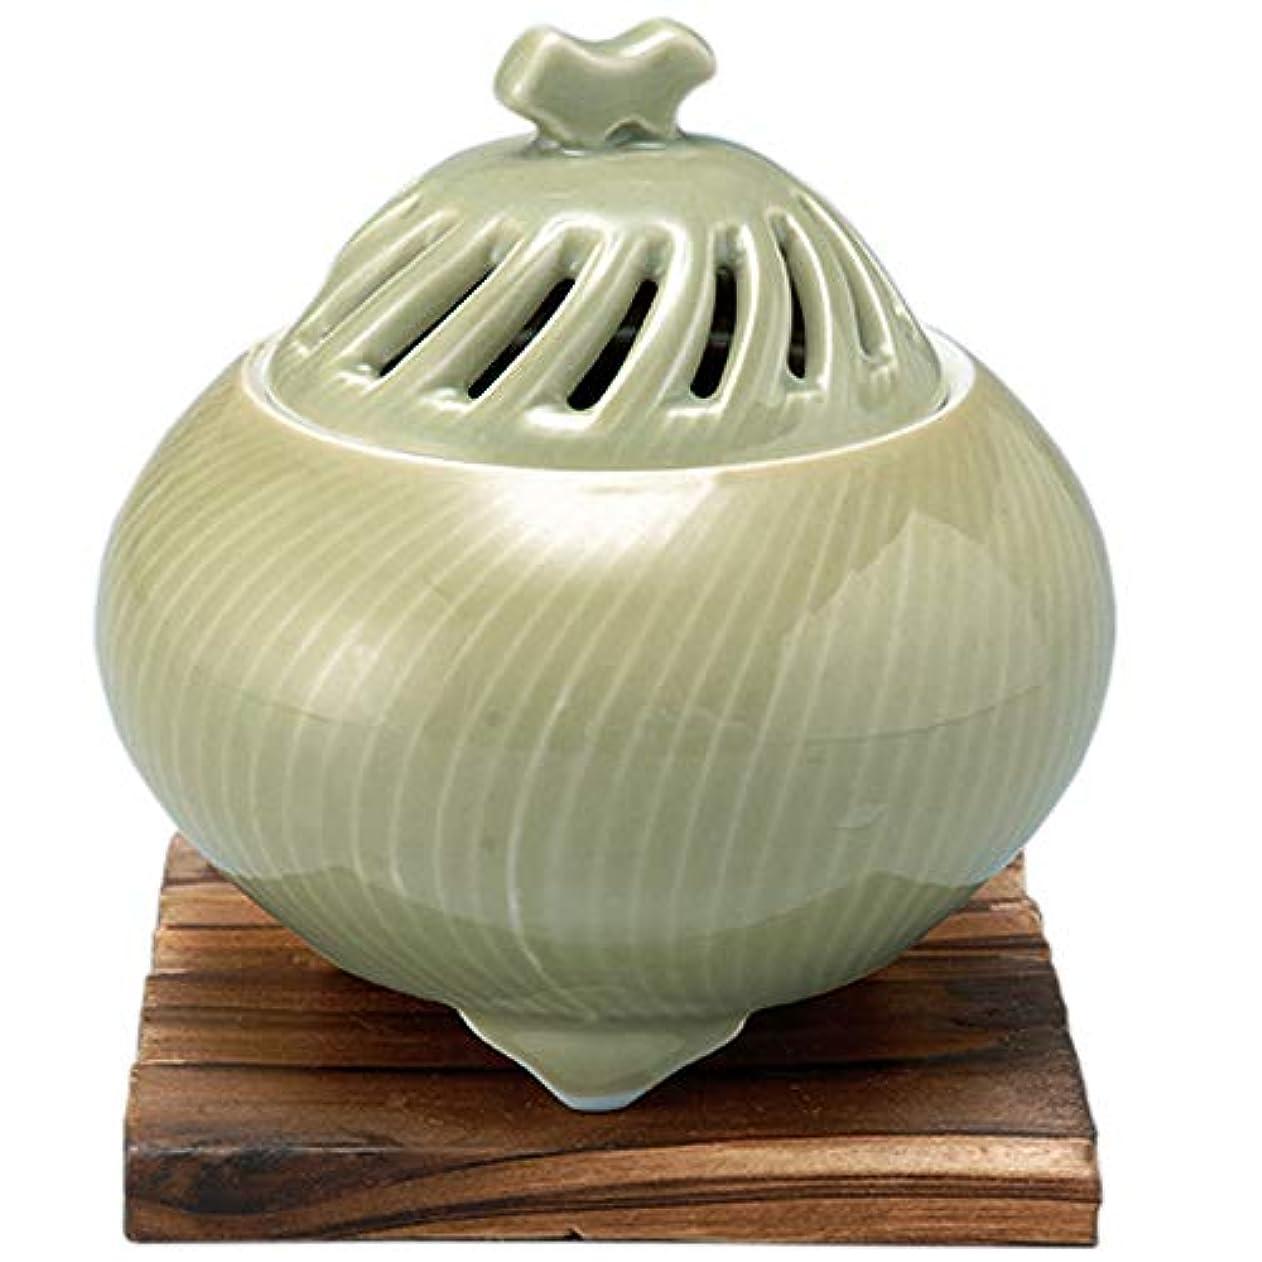 規範手荷物ビーチ香炉 鶯透し 丸型香炉 [R11xH11.3cm] プレゼント ギフト 和食器 かわいい インテリア